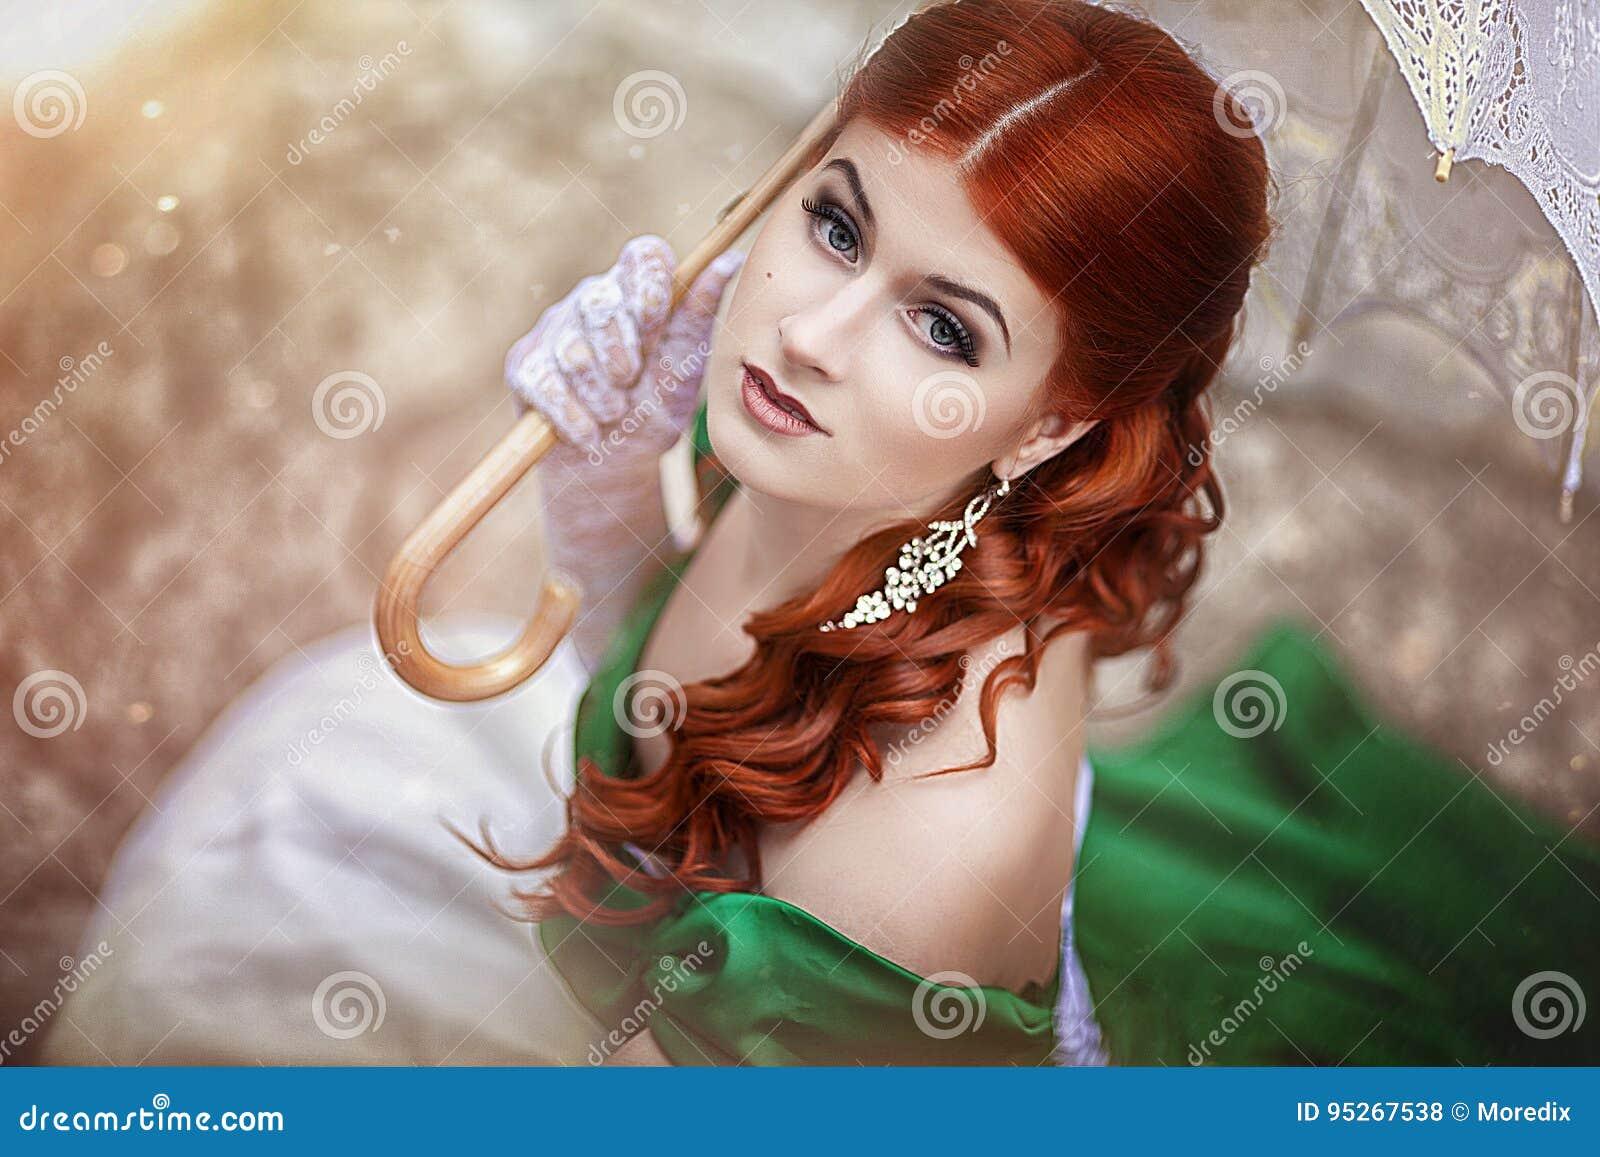 Stående av en härlig ung rödhårig flicka i en medeltida grön klänning med ett paraply Fantasiphotosession